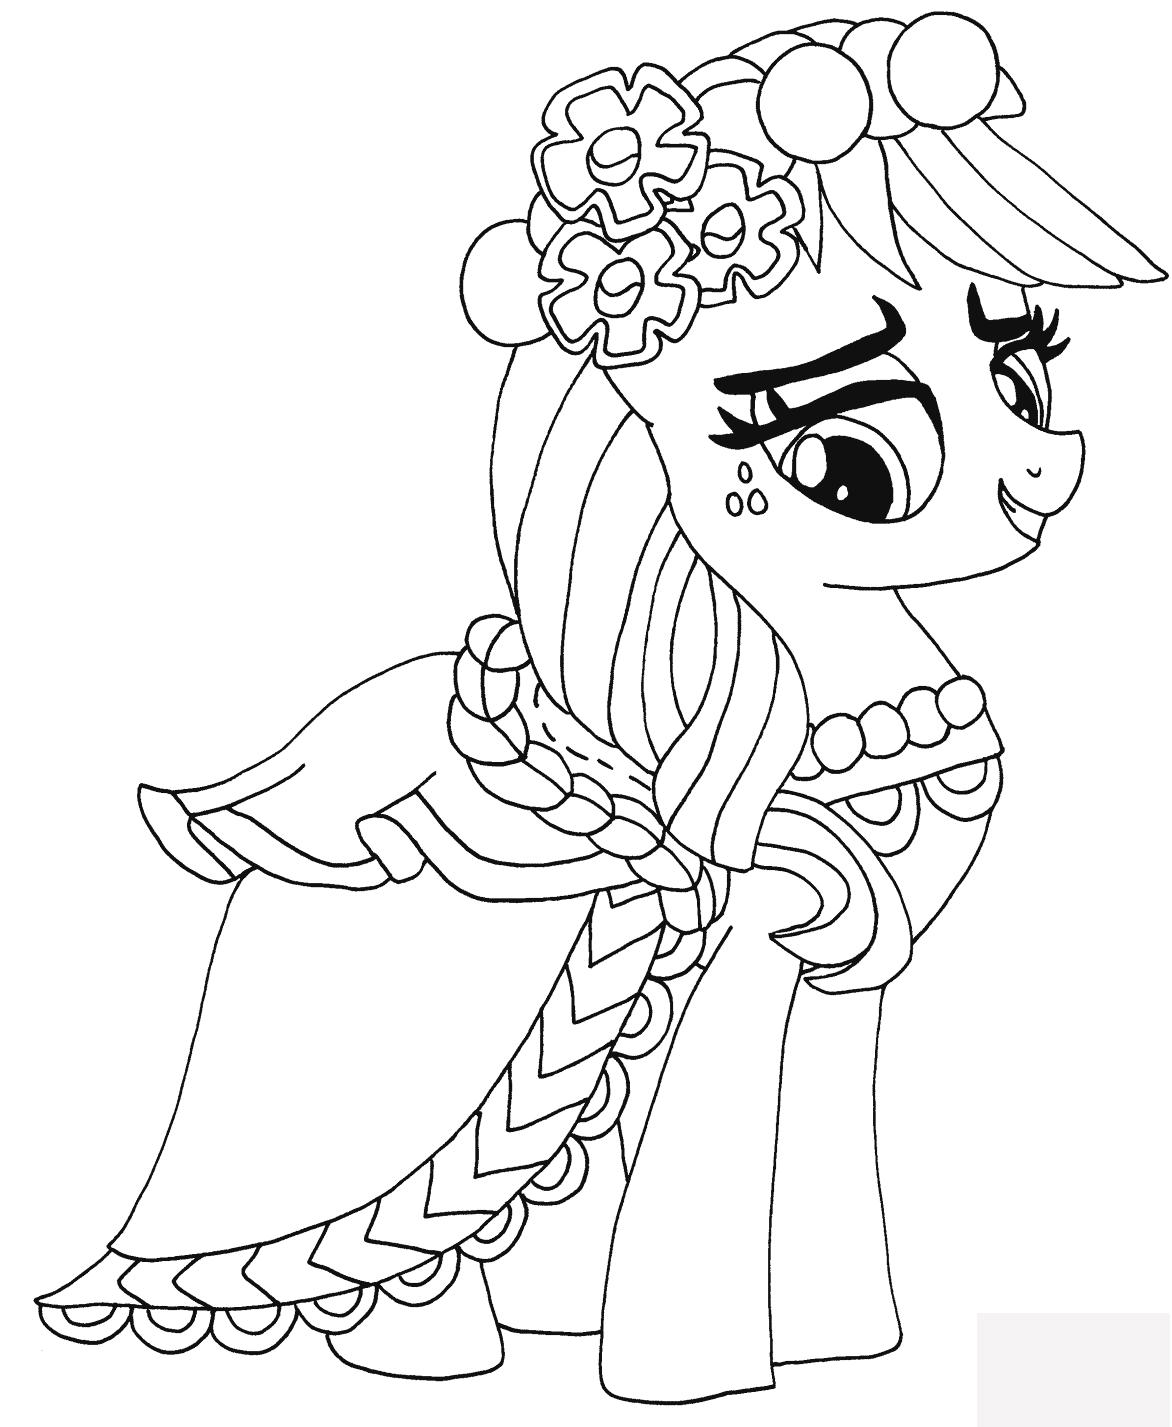 My Little Pony Malvorlagen Malvorlagen My Little Pony Einhorn My Little Pony Applejack My Little Pony Ausmalbilder